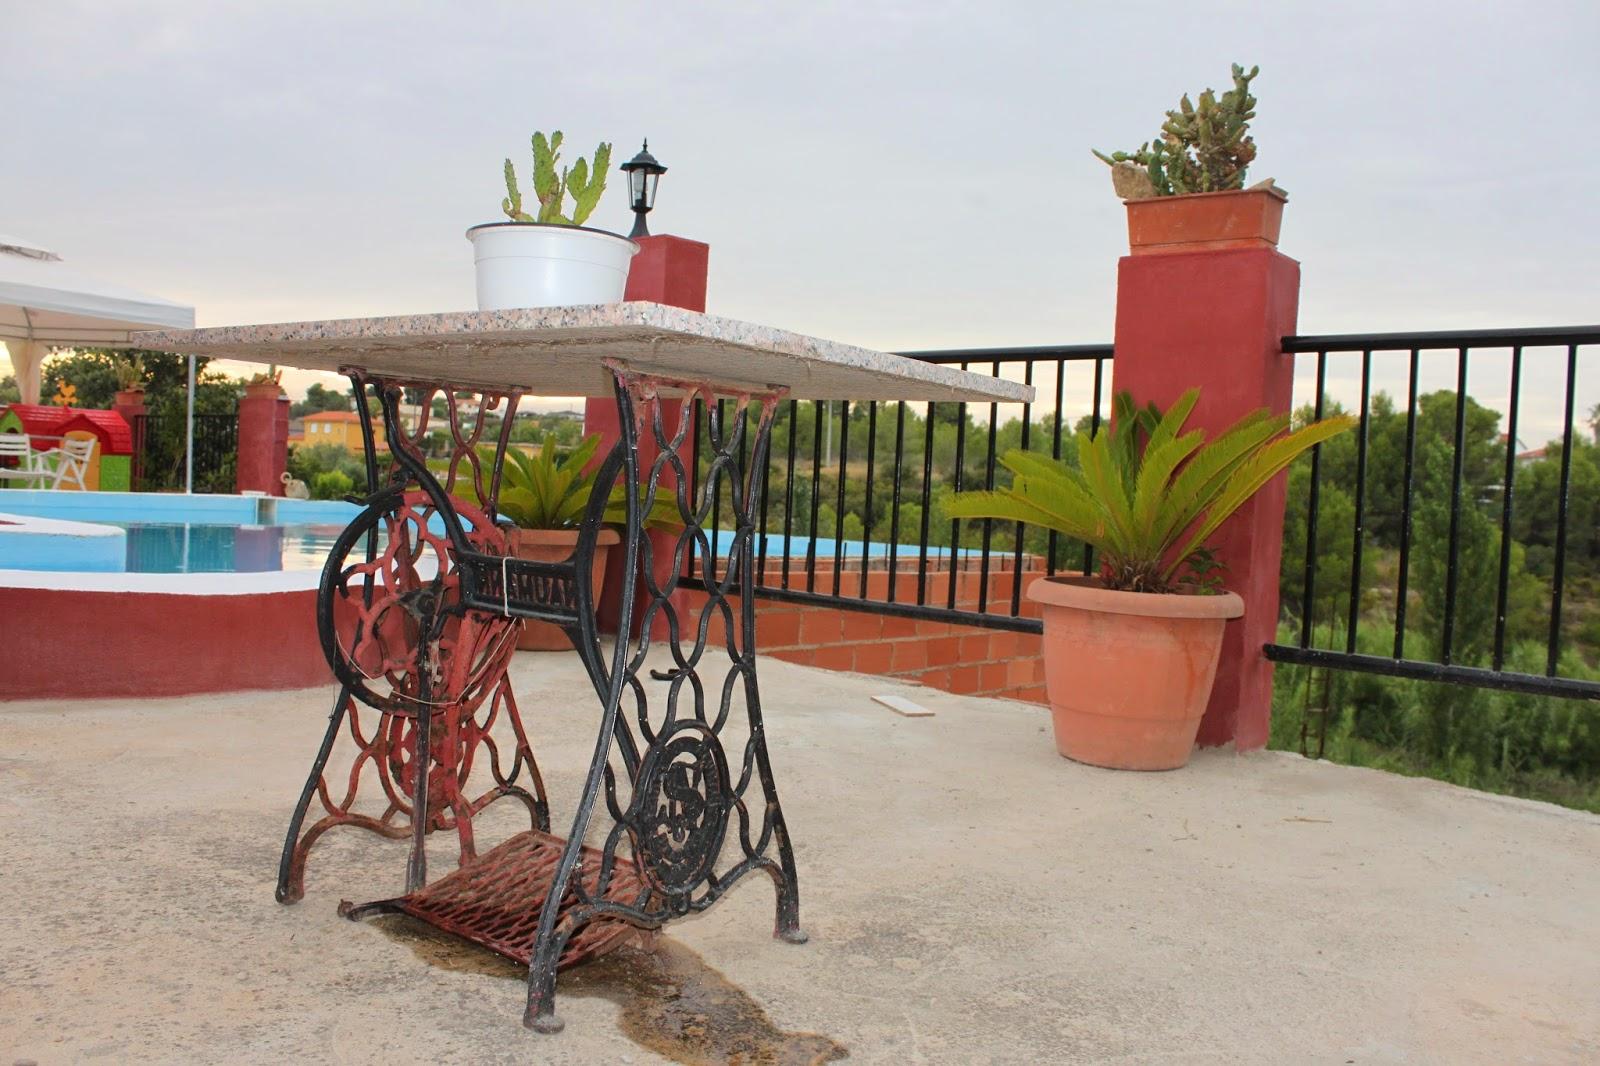 El blog de lorenna abril 2014 - Piscinas de patas ...